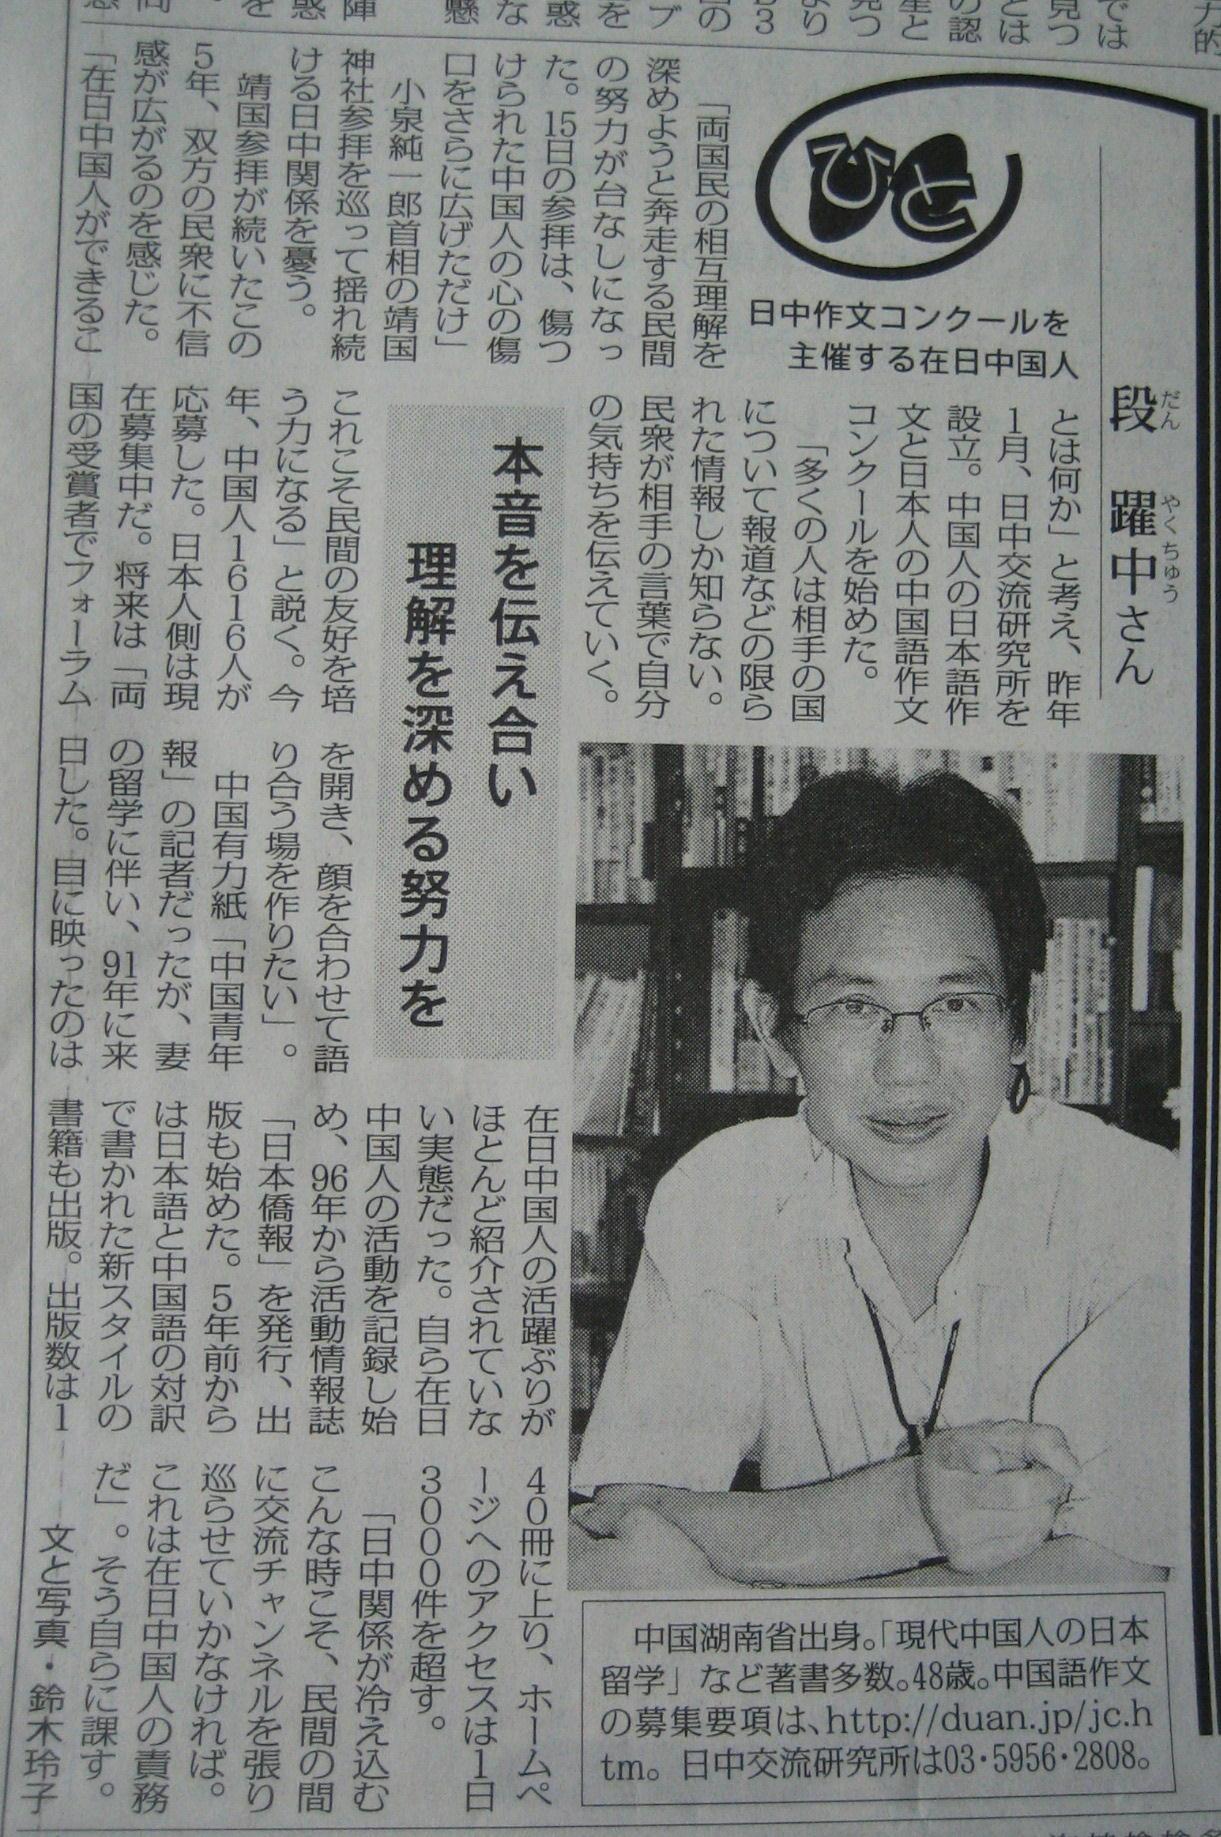 お陰様で、本日の毎日新聞・ひと欄に登場しました_d0027795_8165592.jpg